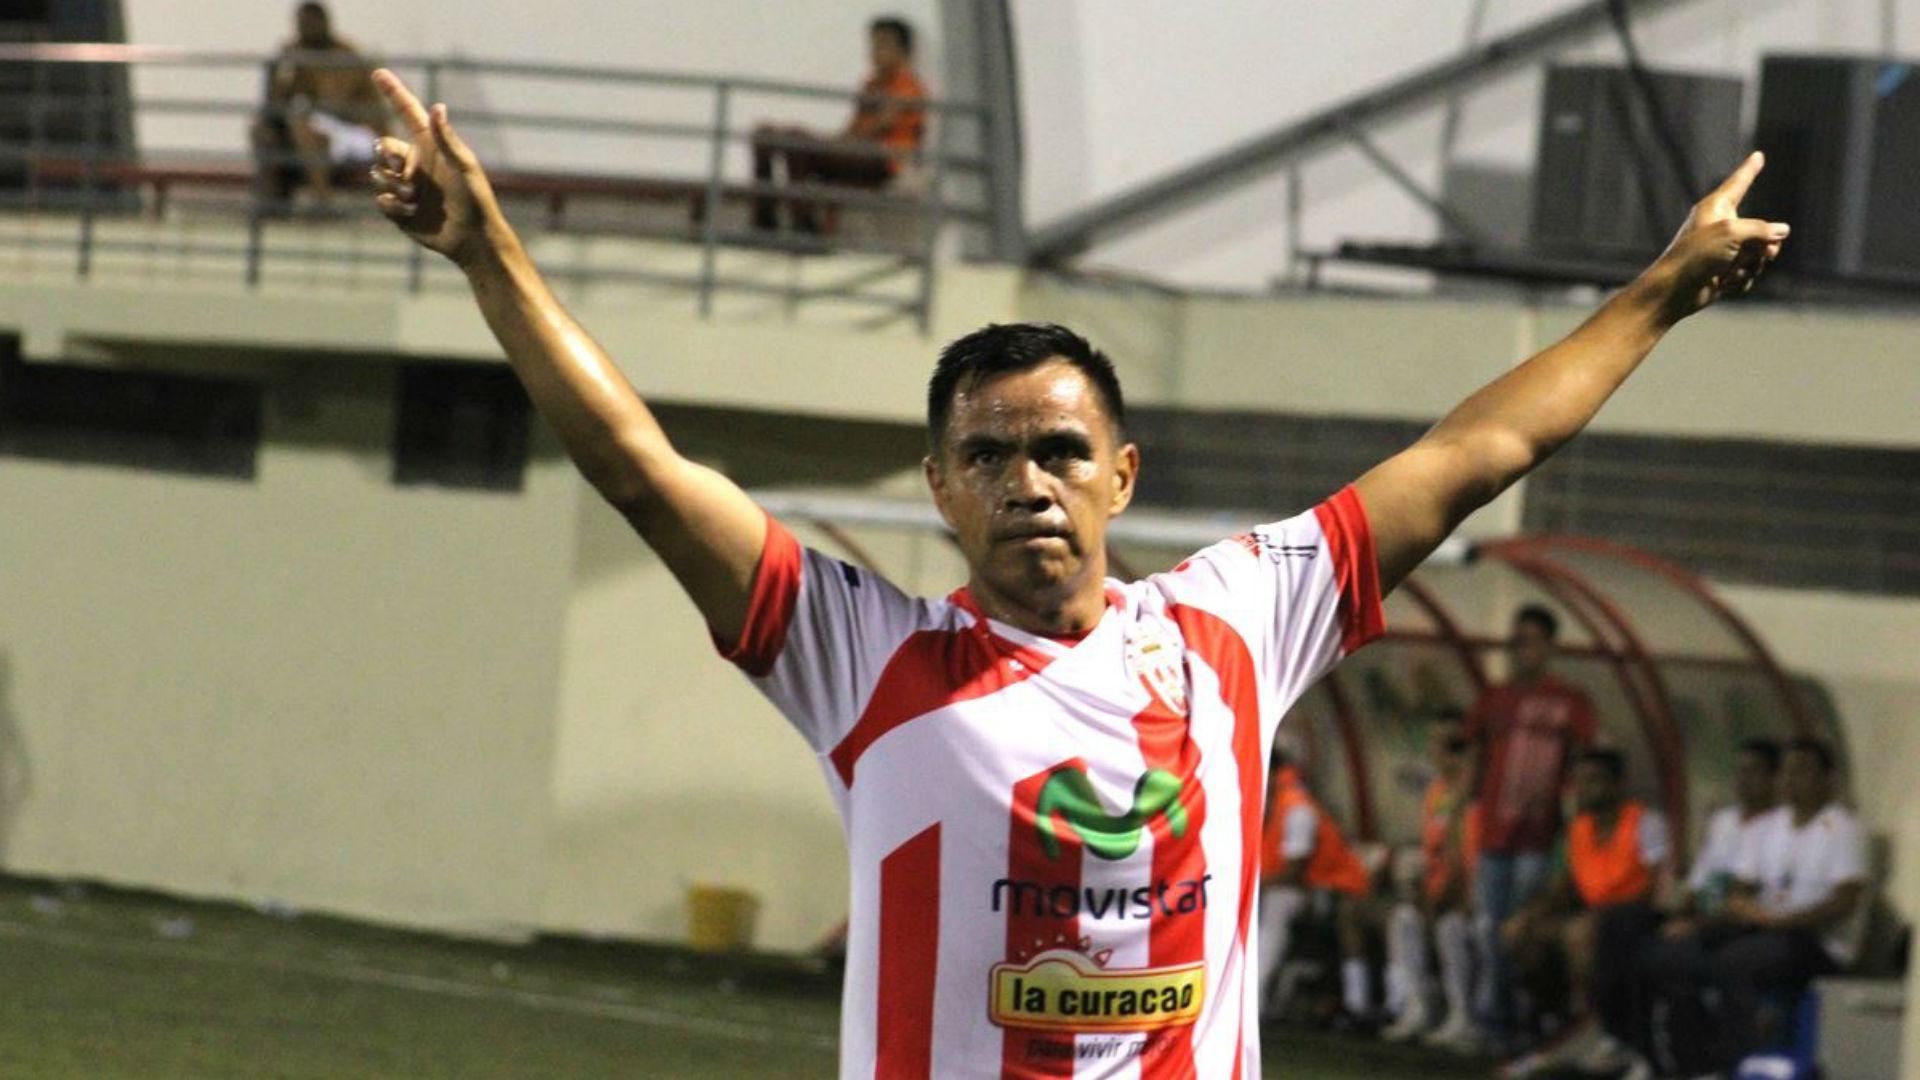 Gregorio Torres, Real Estelí, Nicaragua